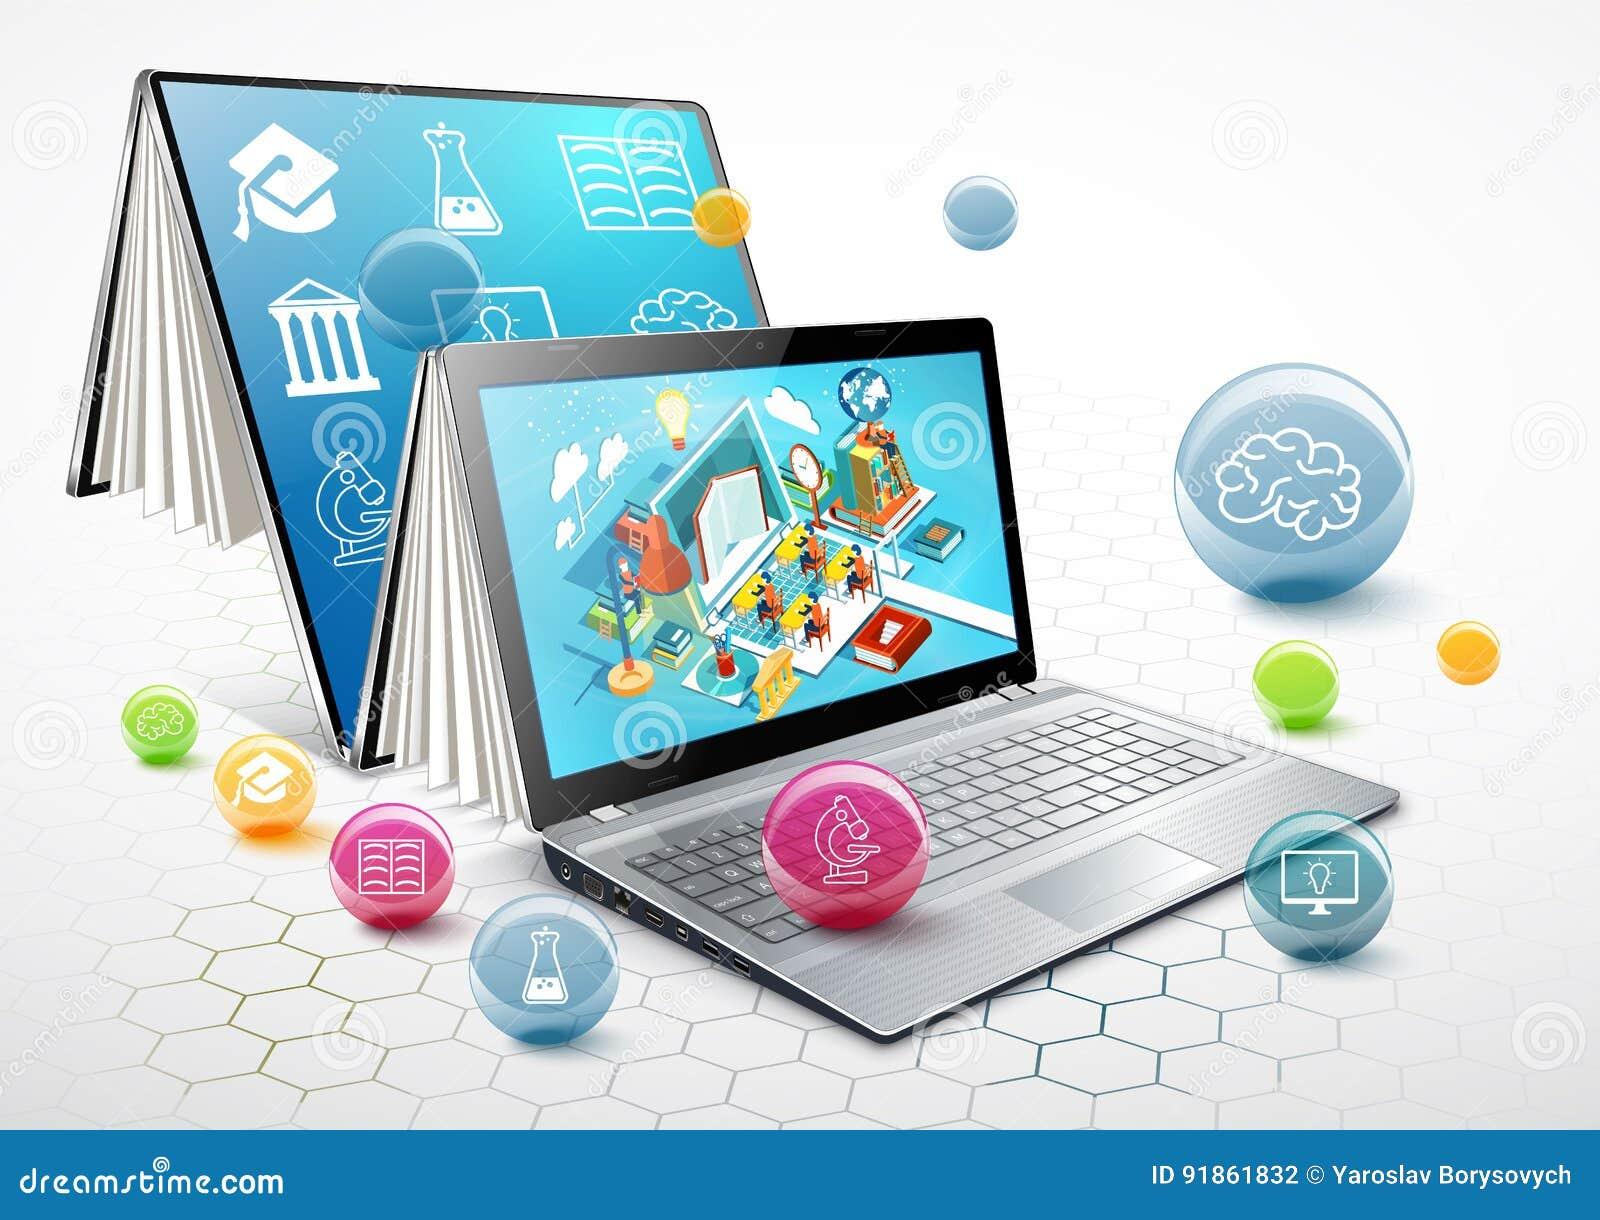 Laptop jako książka jabłczany tła książki ostrożnie pojęcie odizolowywający uczenie otwarty biel edukacja w sieci wektor